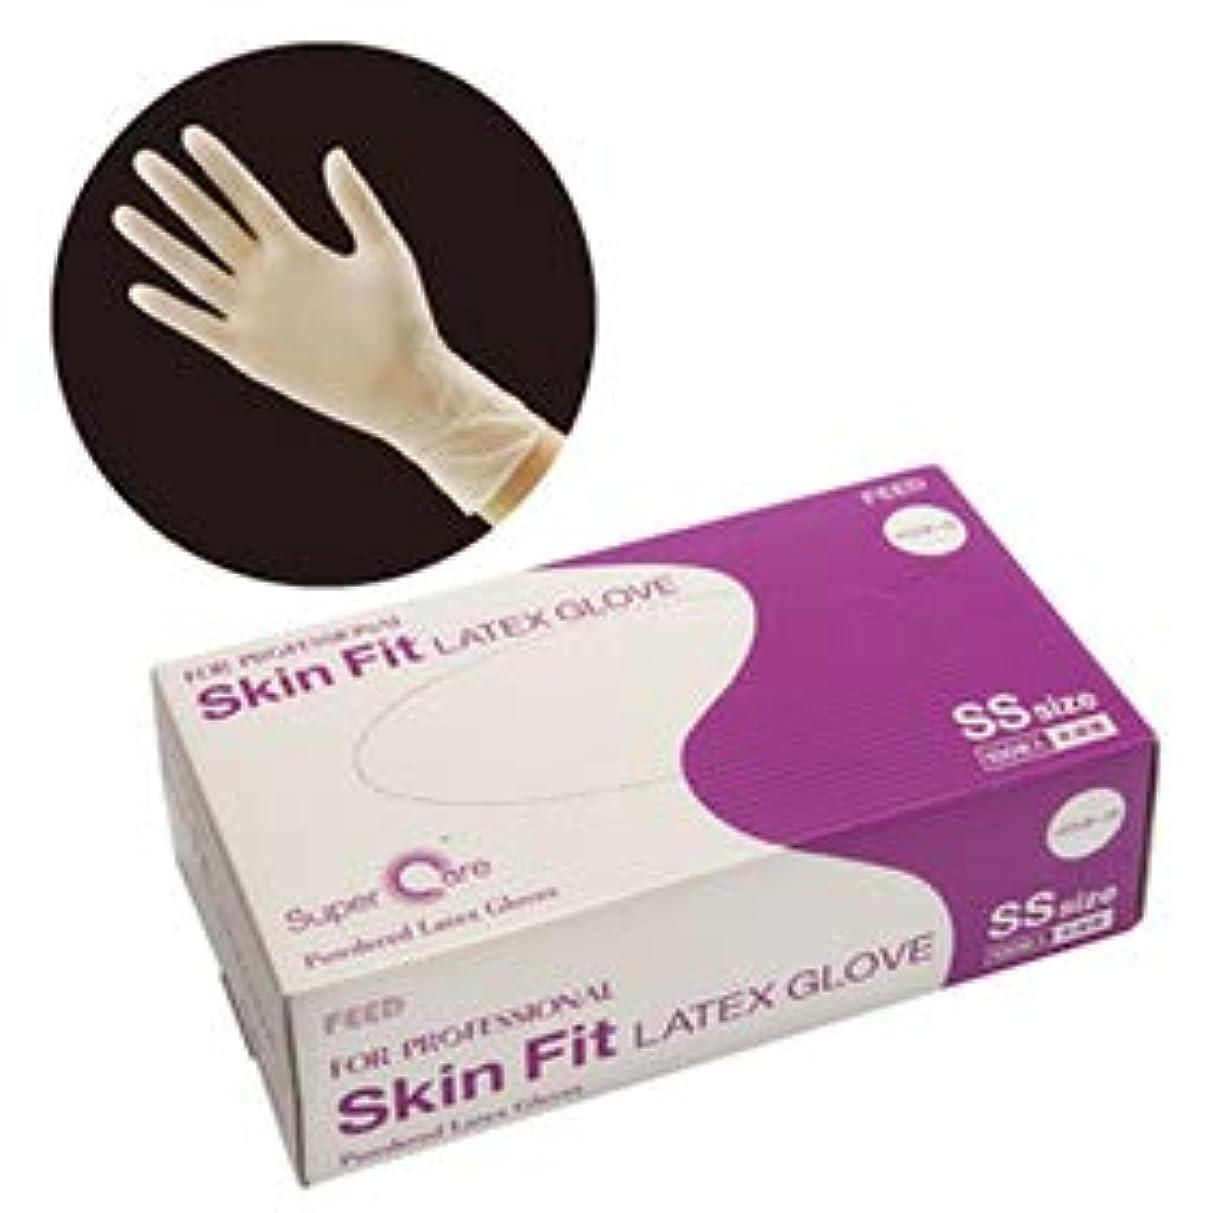 知覚する冷淡な同情的FEED(フィード) Skin Fit ラテックスグローブ パウダー付 SS カートン(100枚入×10ケース) (作業用)